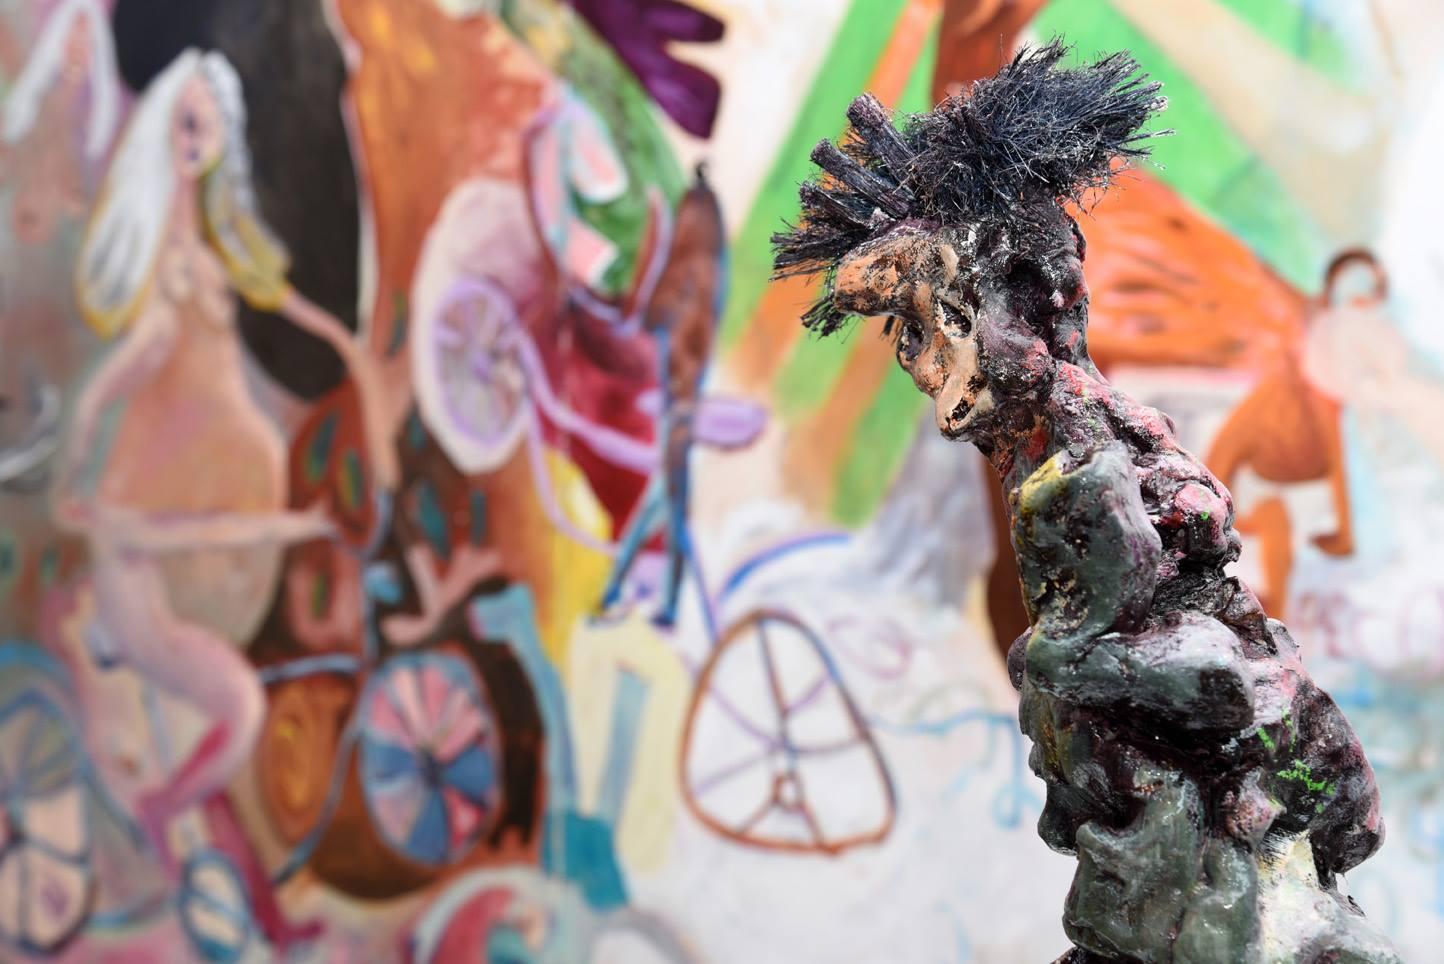 Janes Schmallenberg, 2016, installation view at Grimmuseum (1)